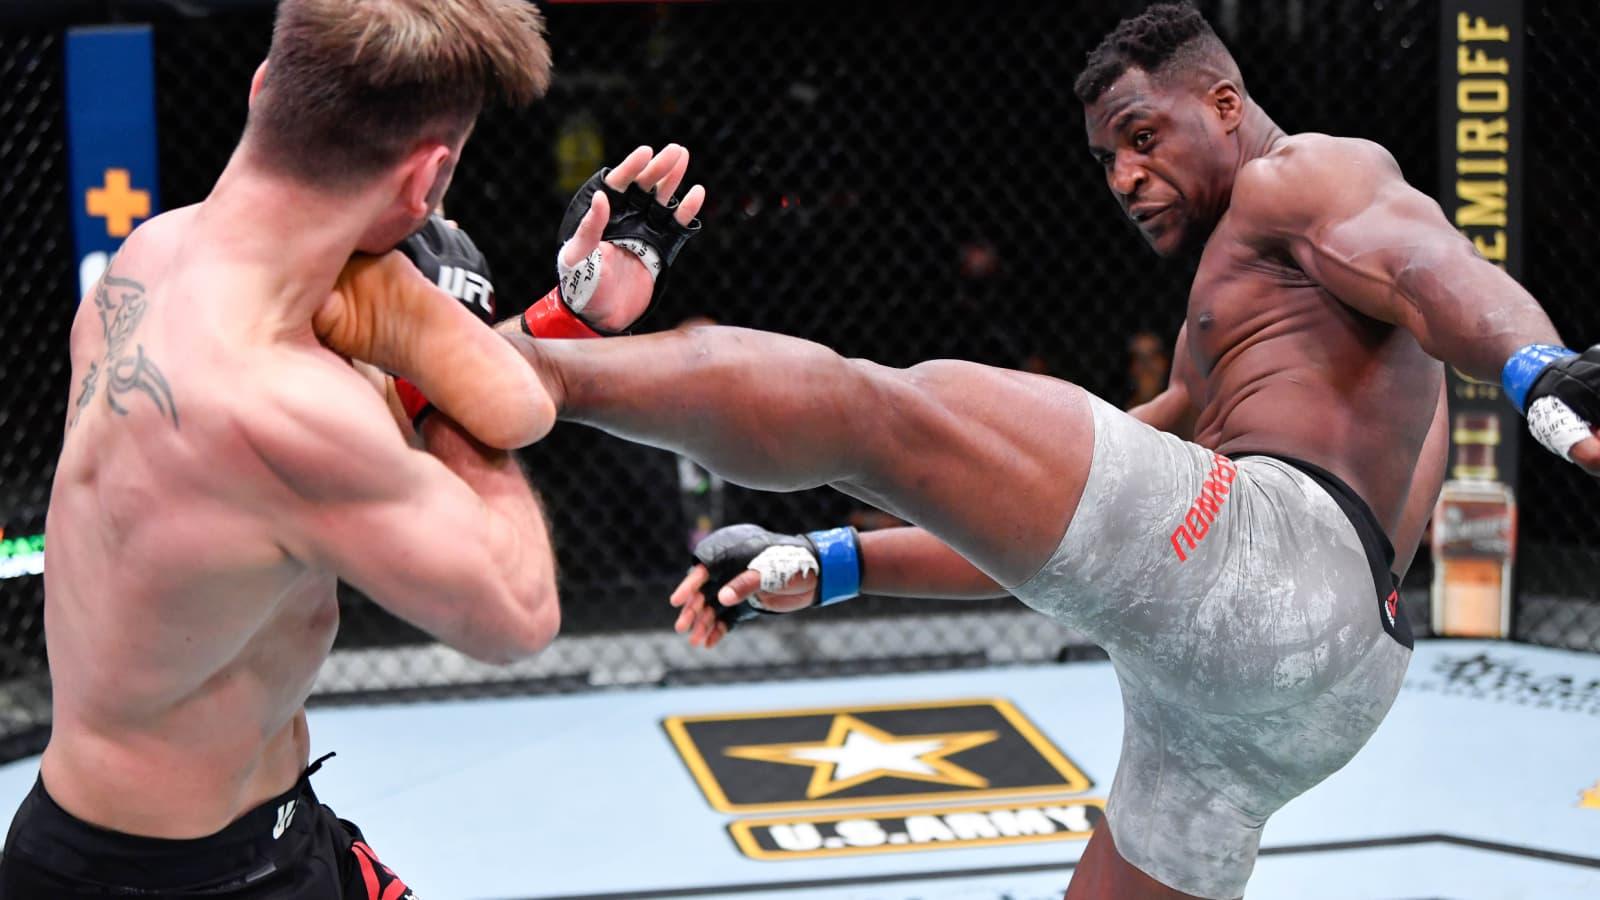 Retrouvez l'UFC en exclusivité sur RMC Sport